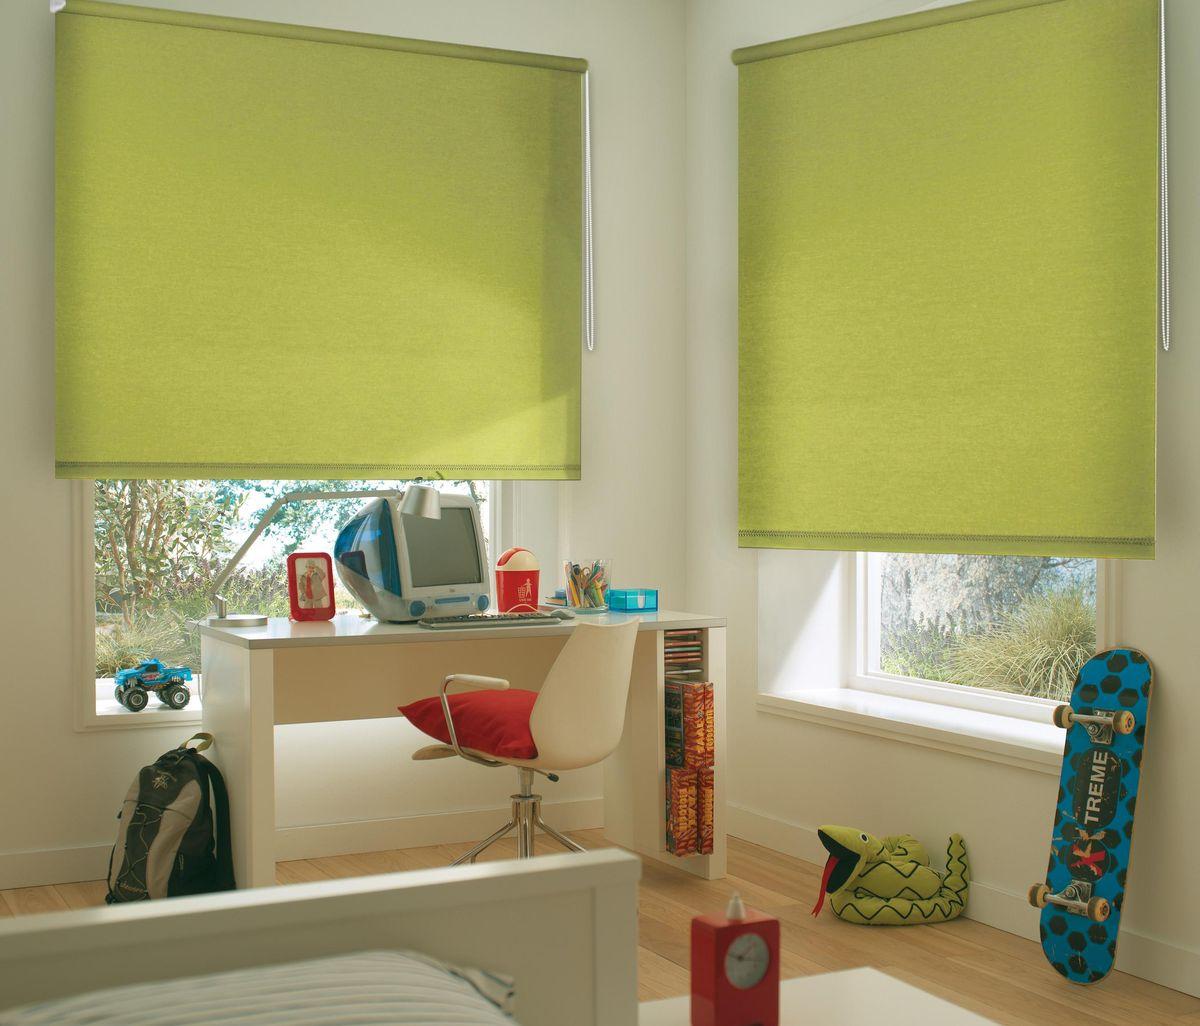 Штора рулонная Эскар, цвет: салатовый, ширина 60 см, высота 170 см81014060170Рулонными шторами можно оформлять окна как самостоятельно, так и использовать в комбинации с портьерами. Это поможет предотвратить выгорание дорогой ткани на солнце и соединит функционал рулонных с красотой навесных. Преимущества применения рулонных штор для пластиковых окон: - имеют прекрасный внешний вид: многообразие и фактурность материала изделия отлично смотрятся в любом интерьере; - многофункциональны: есть возможность подобрать шторы способные эффективно защитить комнату от солнца, при этом о на не будет слишком темной. - Есть возможность осуществить быстрый монтаж. ВНИМАНИЕ! Размеры ширины изделия указаны по ширине ткани! Во время эксплуатации не рекомендуется полностью разматывать рулон, чтобы не оторвать ткань от намоточного вала. В случае загрязнения поверхности ткани, чистку шторы проводят одним из способов, в зависимости от типа загрязнения: легкое поверхностное загрязнение можно удалить при помощи...